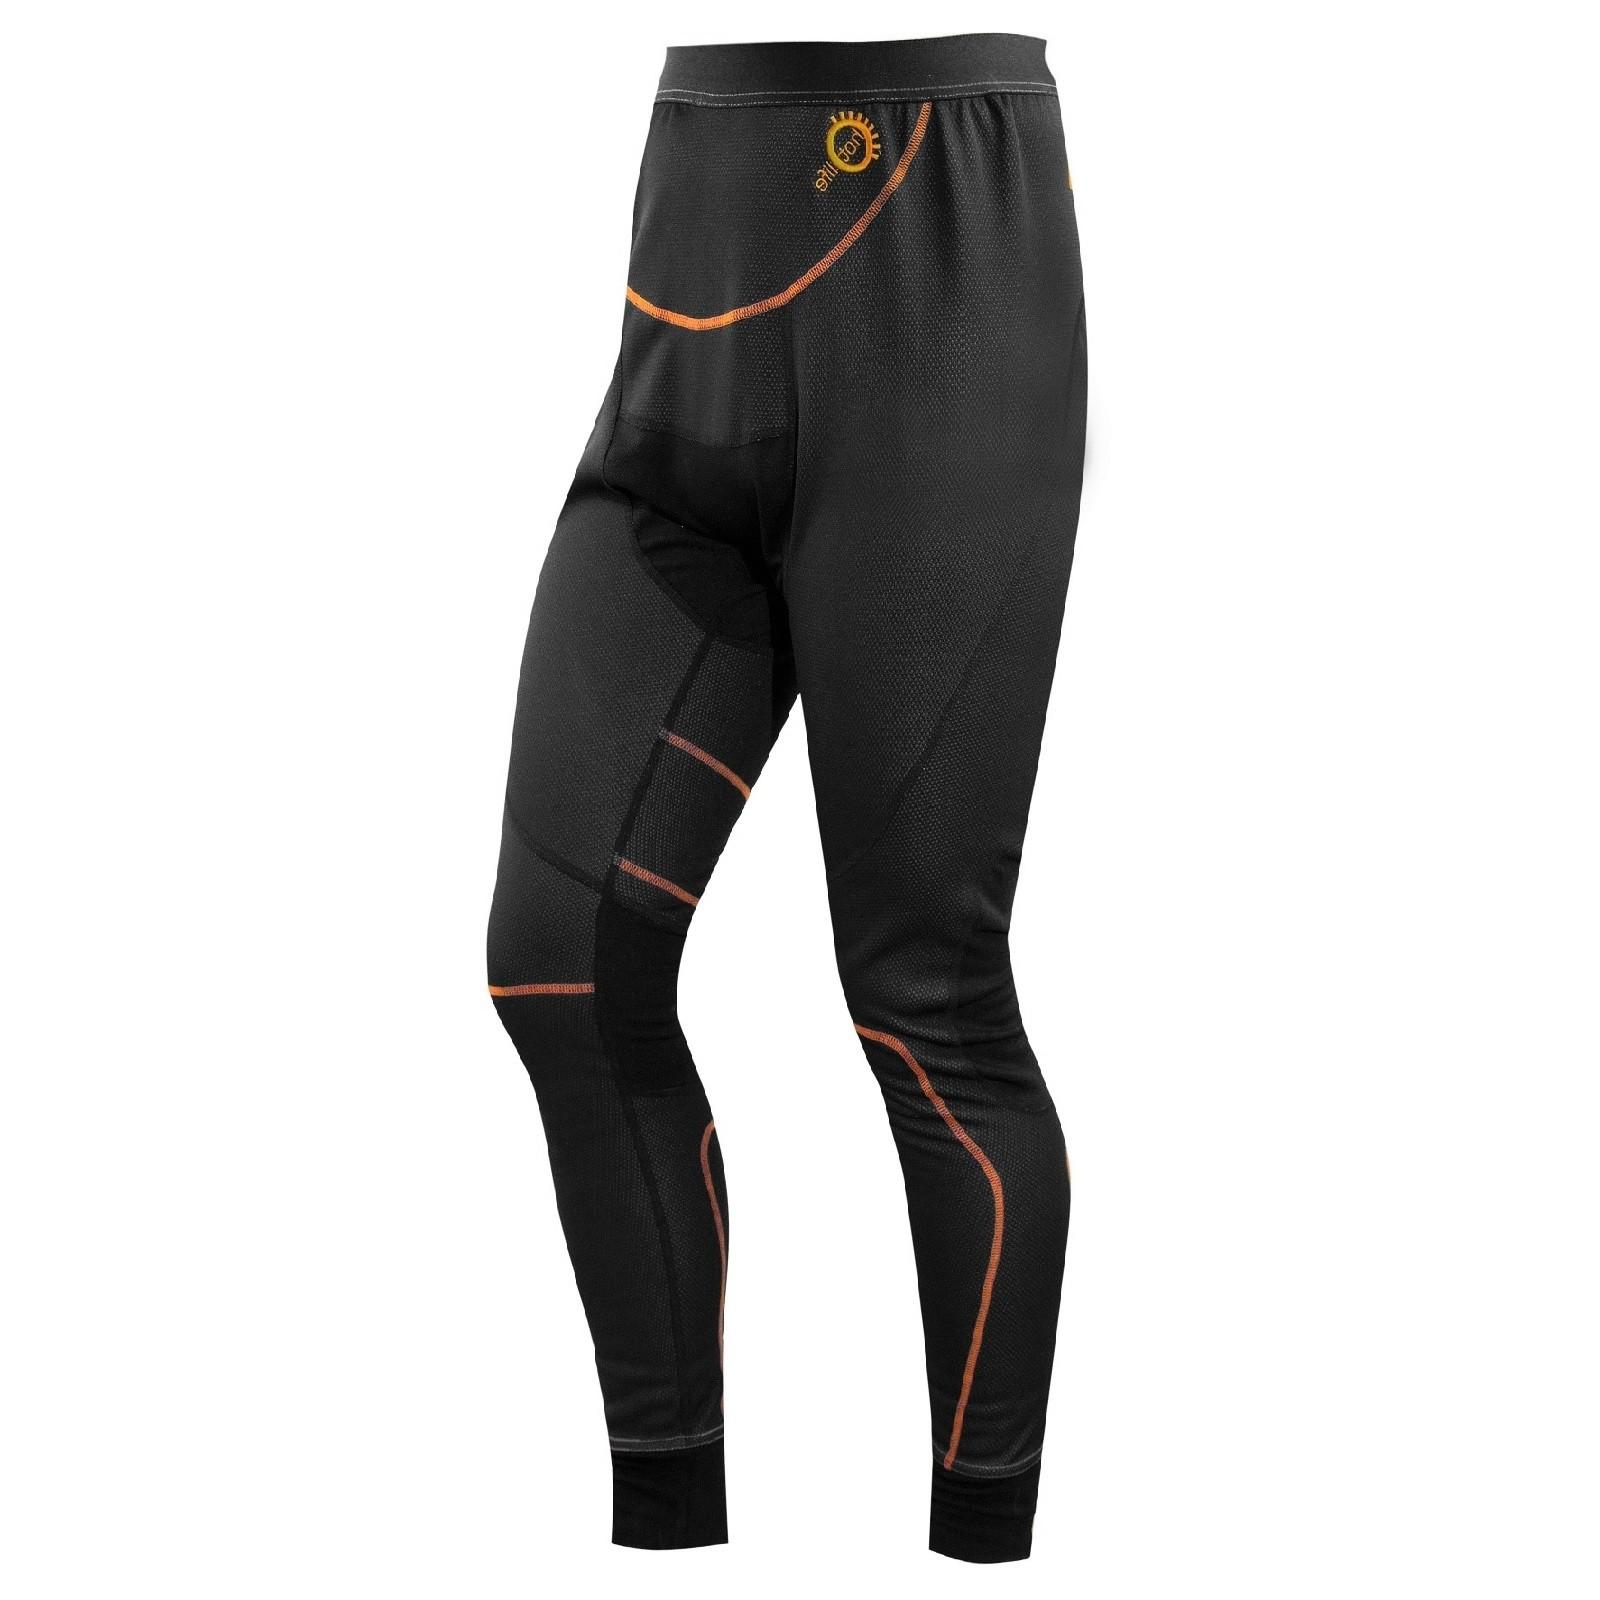 Pantaloni Termico Sottotuta Moto Intimo Tecnico Invernale Wind Stopper Donna